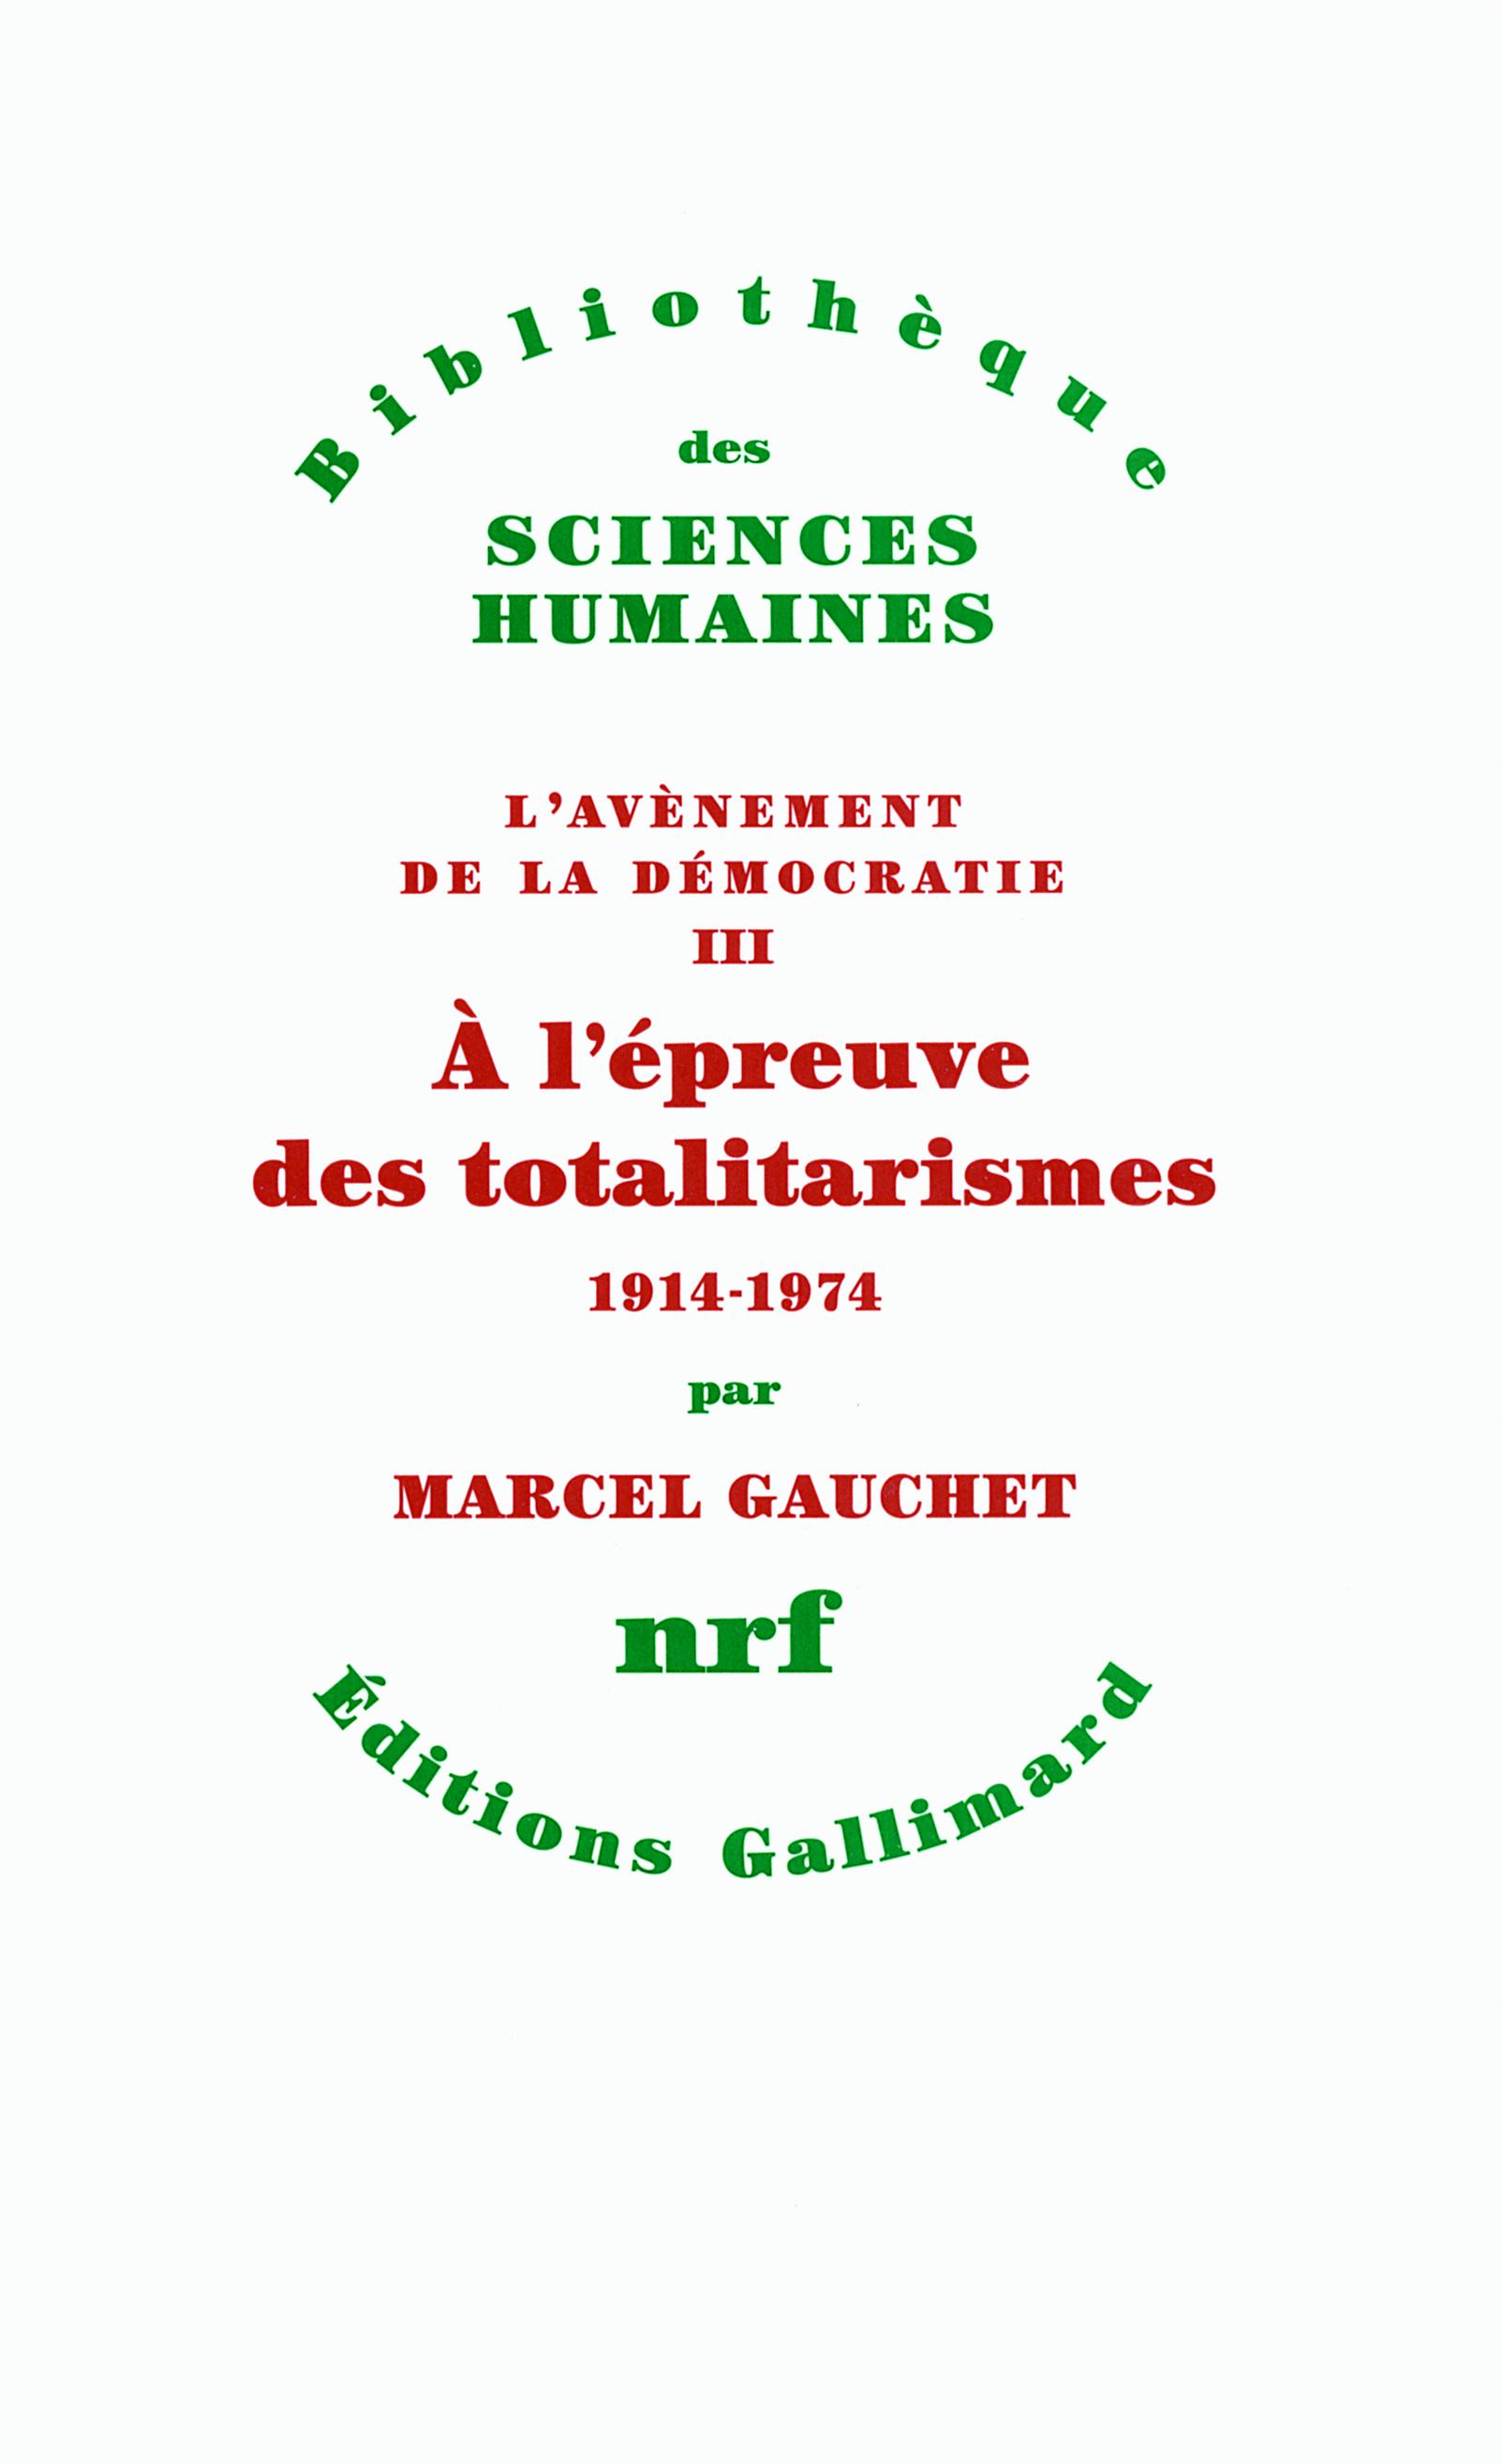 A L'EPREUVE DES TOTALITARISMES, 1914-1974